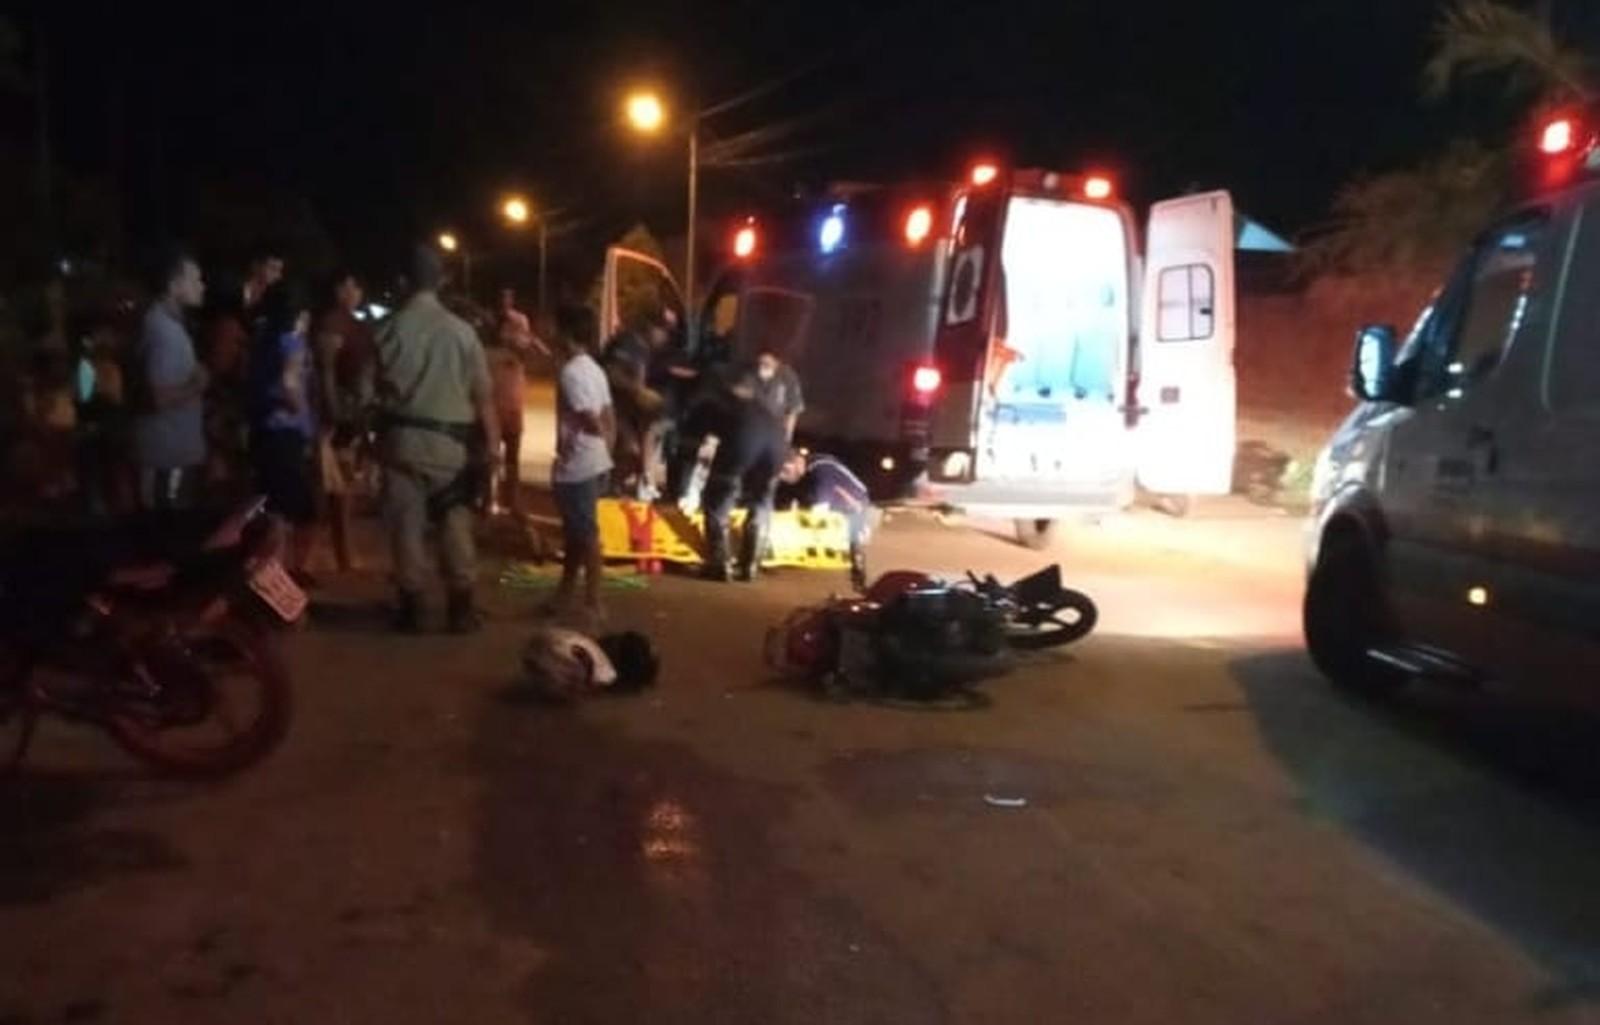 Jovem fica em estado grave após ser atropelada por motocicleta em Gurupi